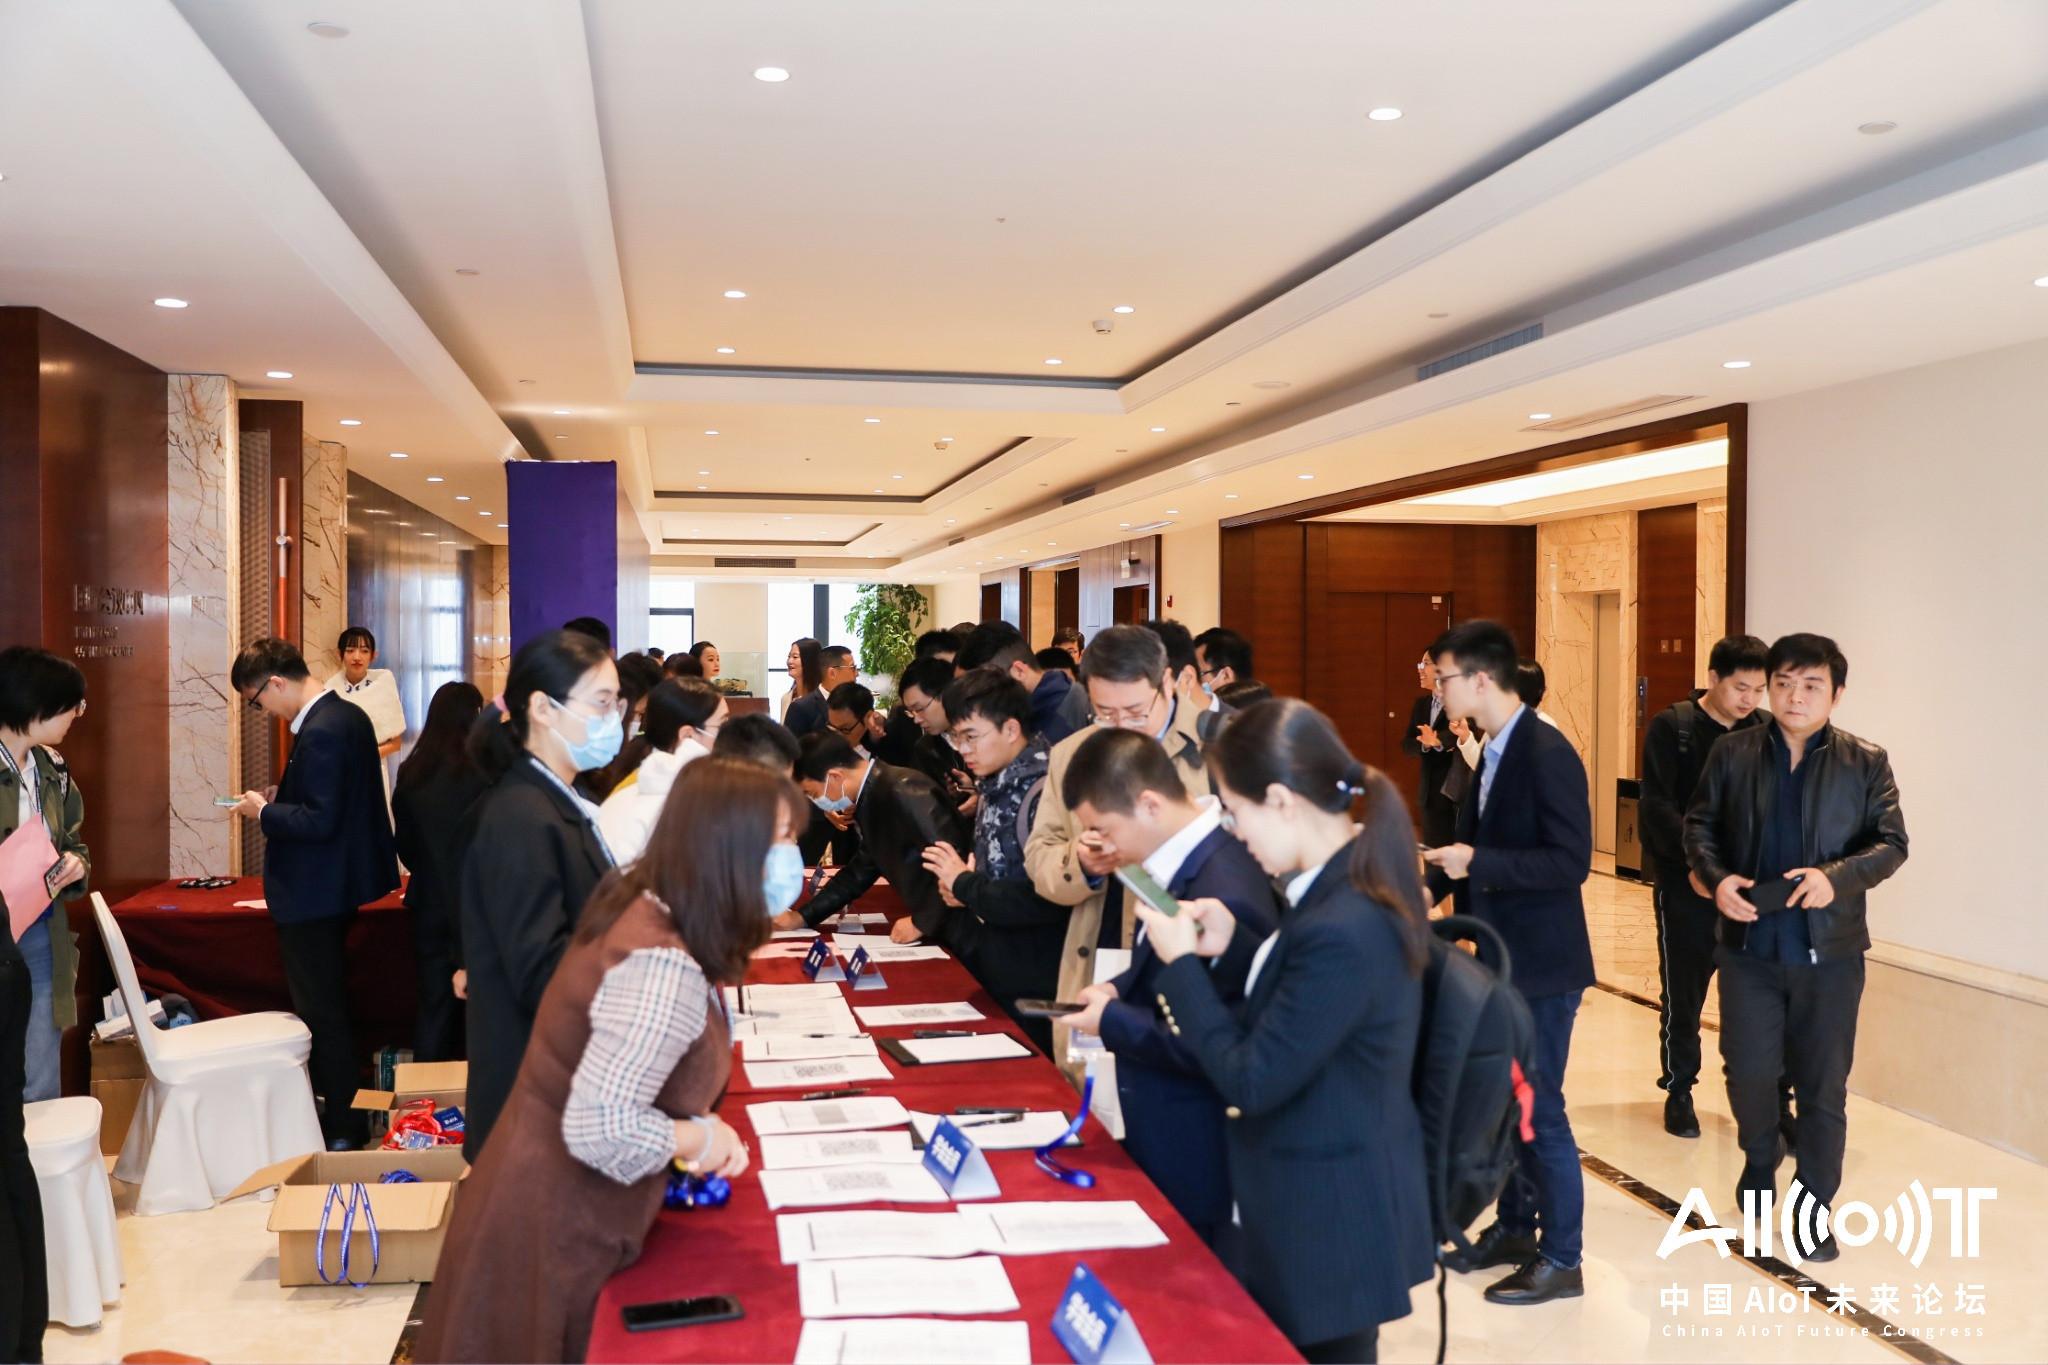 2020中国首席技术官大会暨中国AIoT未来论坛-15